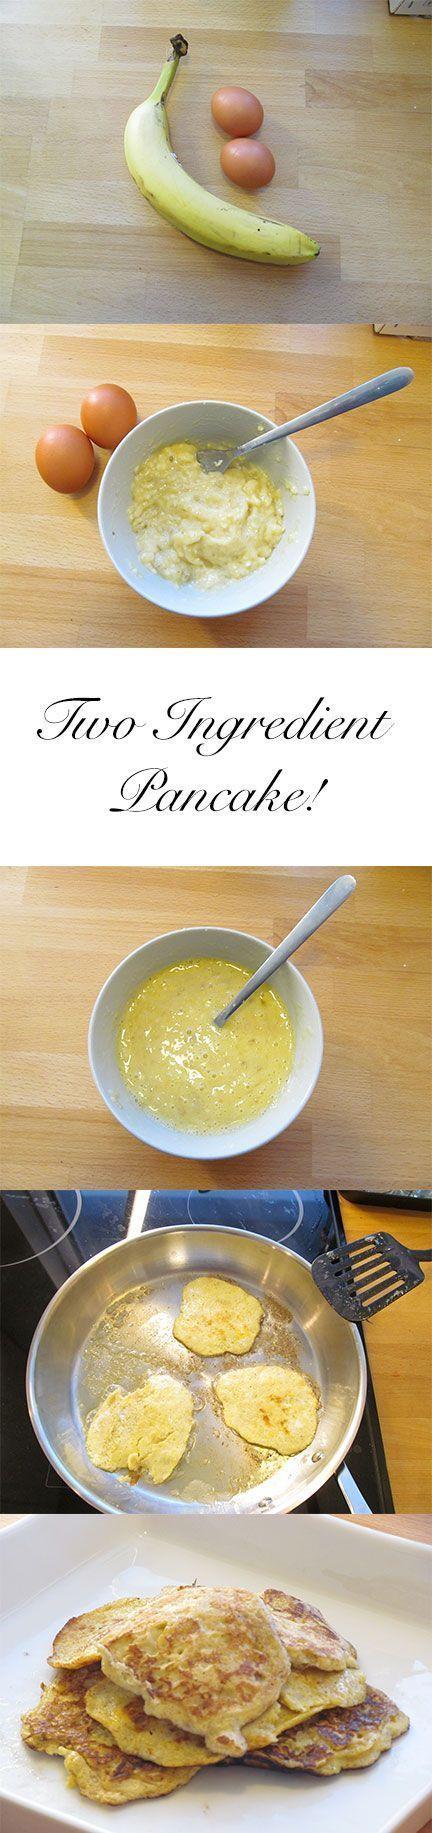 Two Ingredient Pancake http://yummcious.com/fantasticly-simple-banana-pancakes/